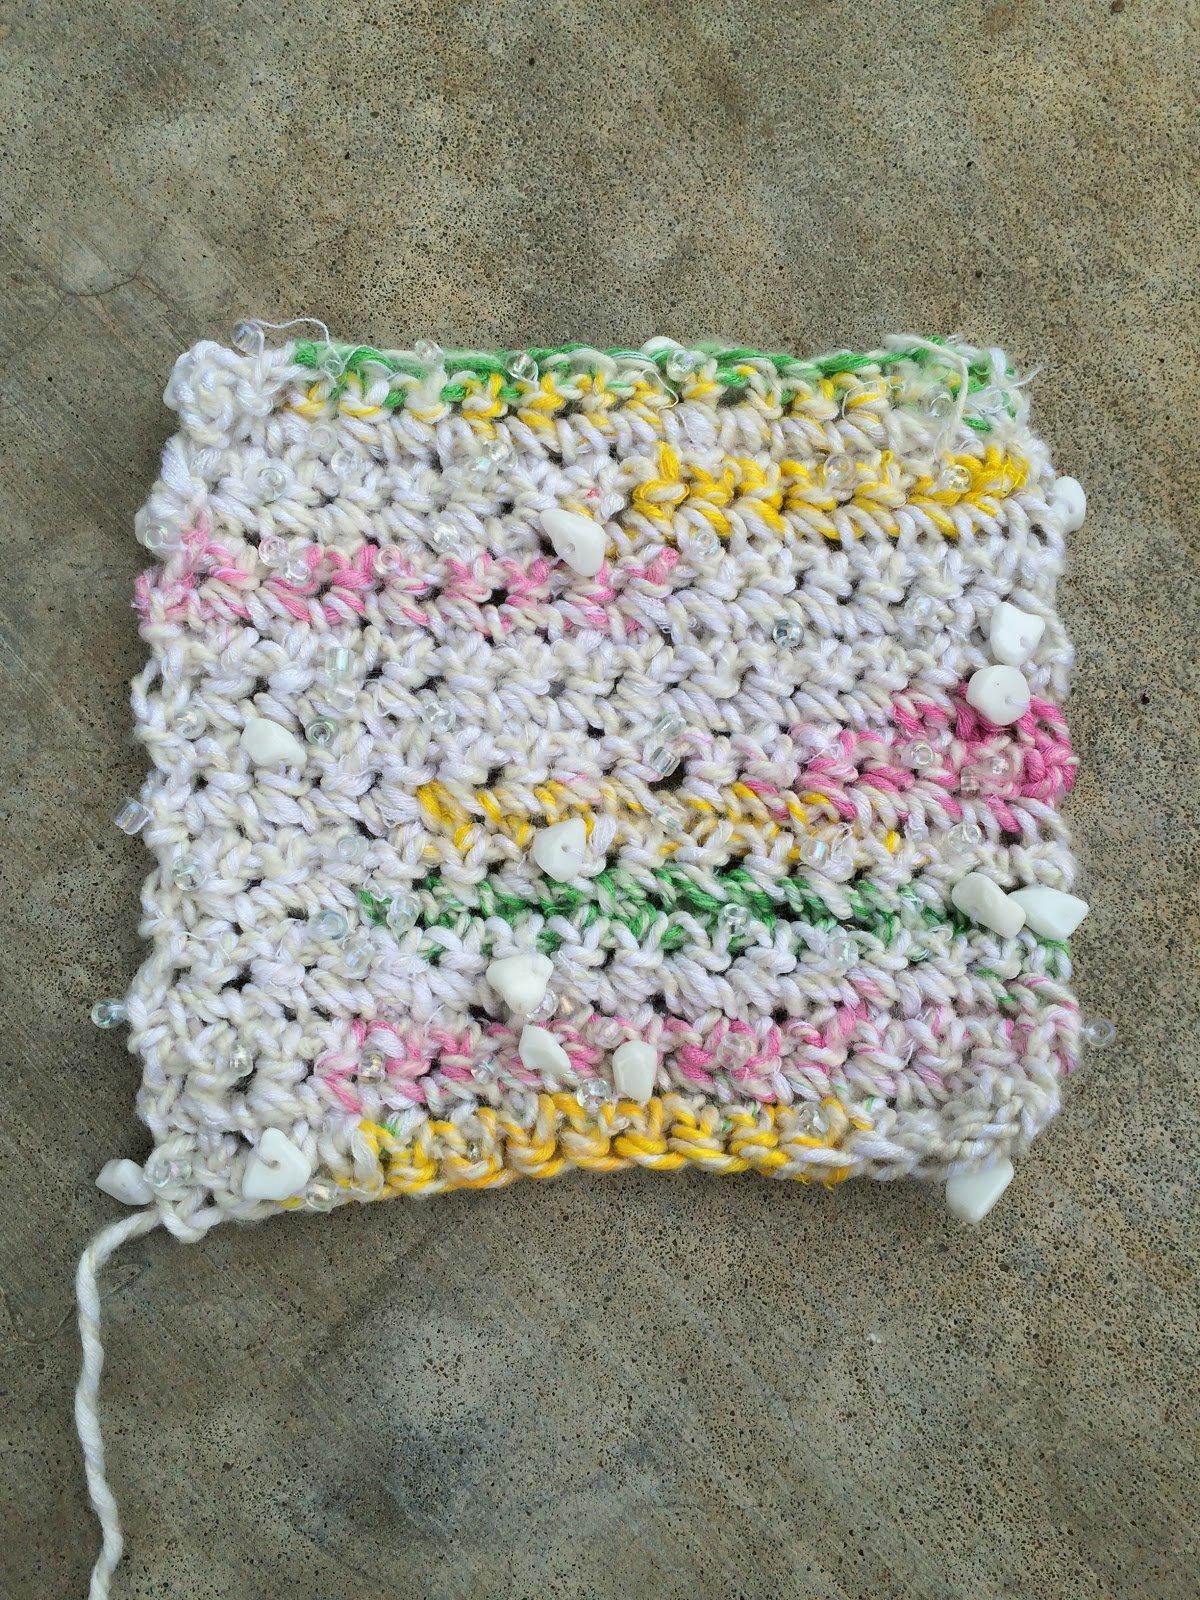 yarn reviews crochet, knitting yarn reviews, review of Mango Moon Chakra by April Garwood of Banana Moon Studio